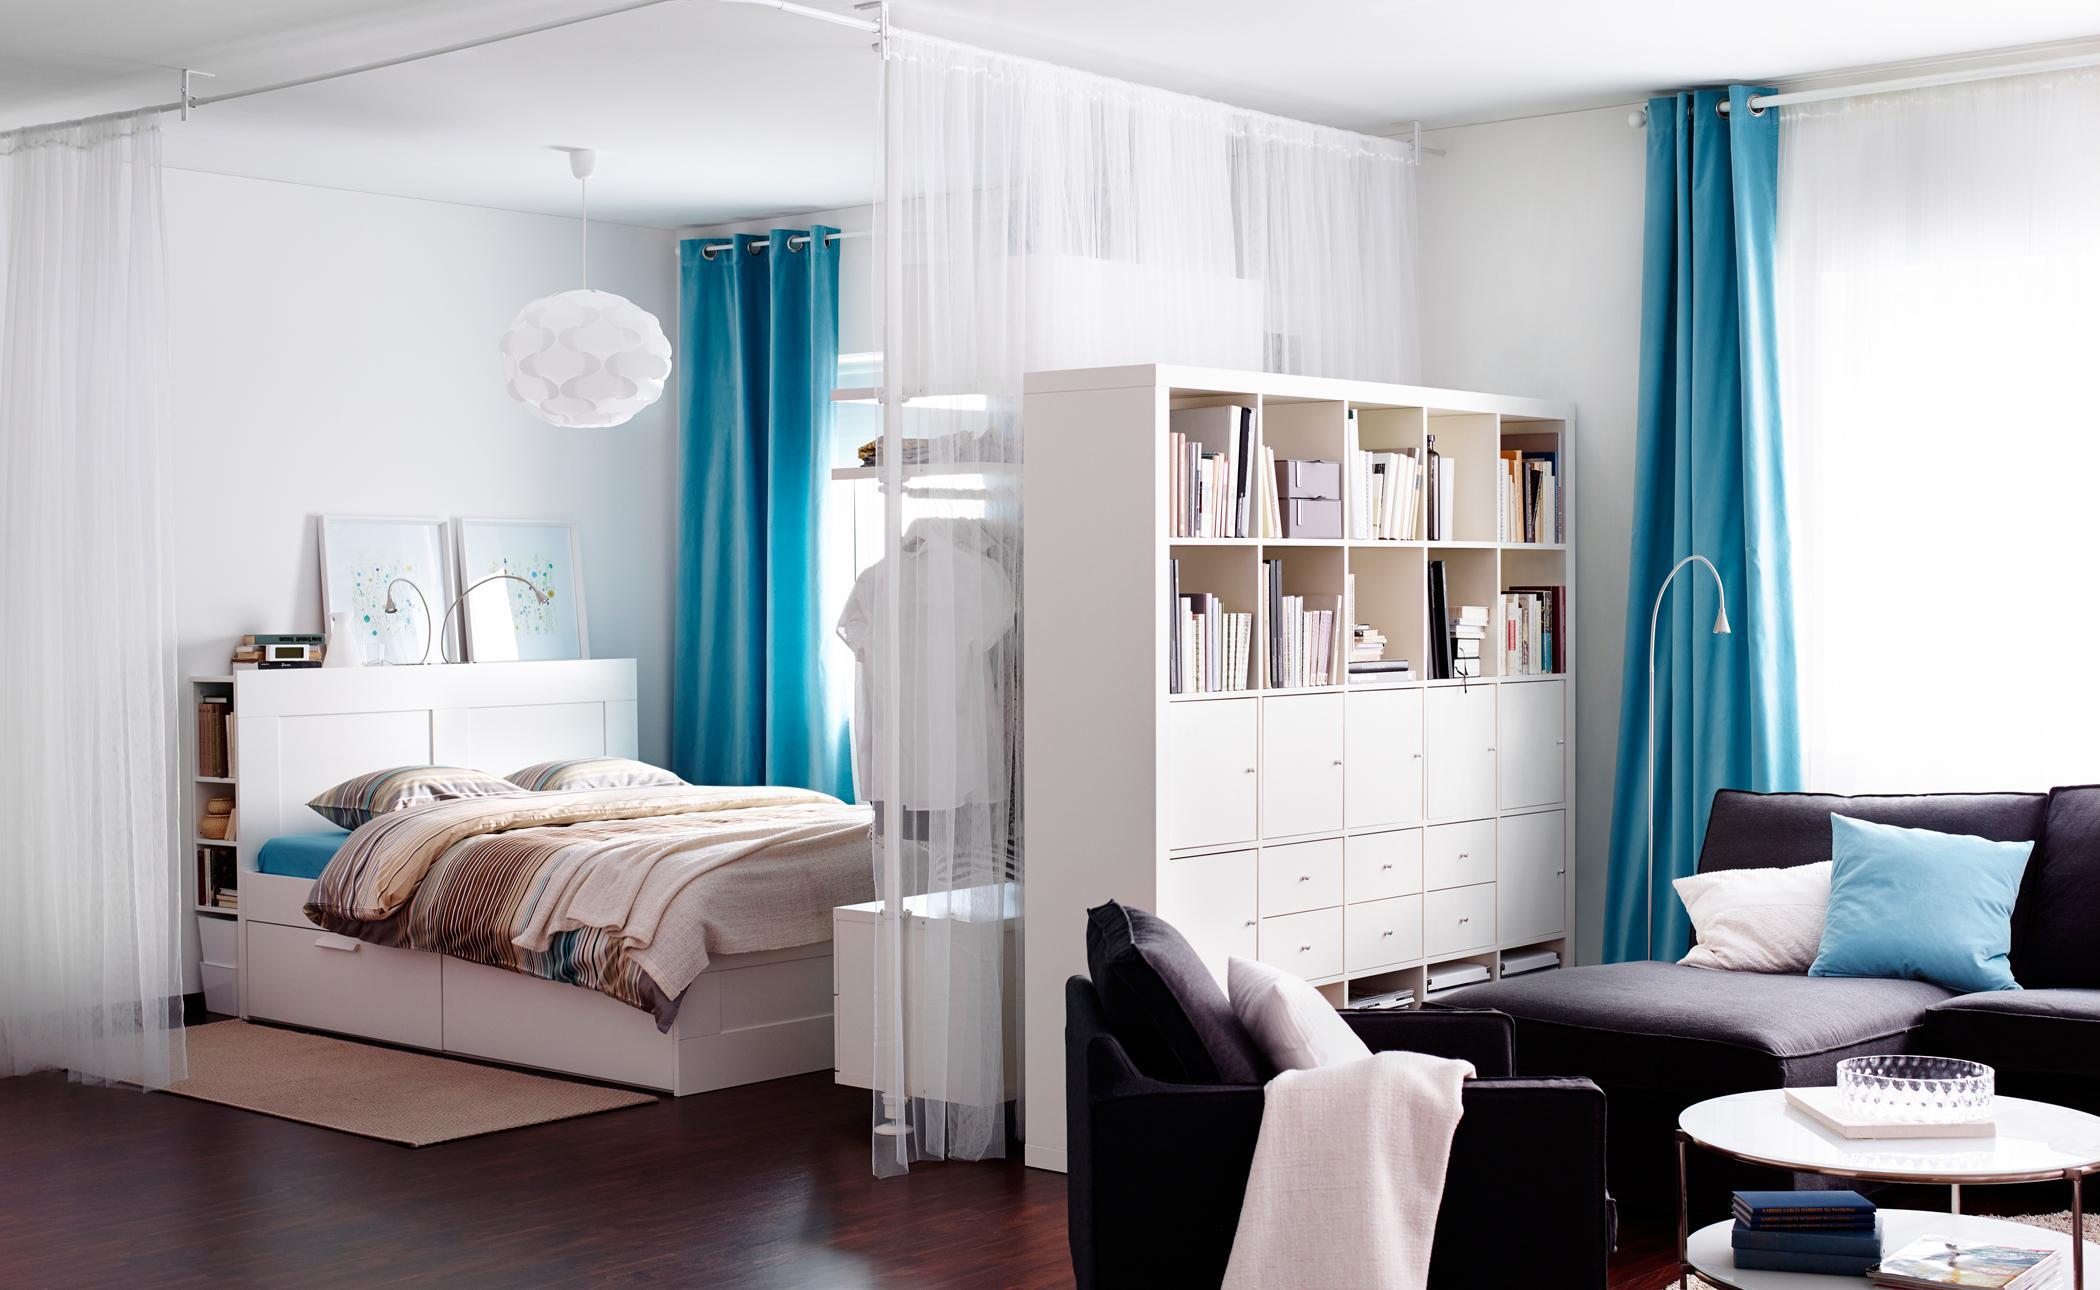 Full Size of Vorhnge Als Raumteiler Regal Bettkasten Vorhang Modulküche Ikea Betten Bei Küche Kaufen Miniküche 160x200 Kosten Sofa Mit Schlaffunktion Wohnzimmer Raumteiler Ikea